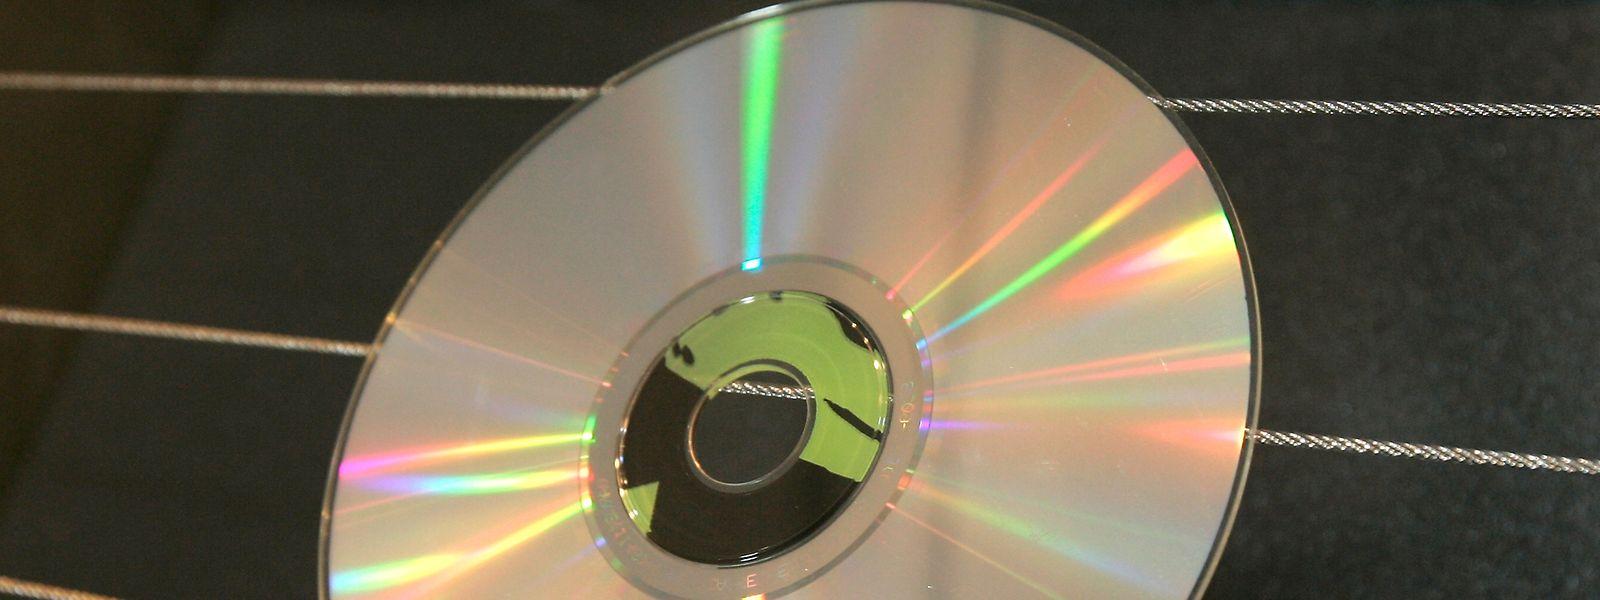 Unabhängig davon, was sich tatsächlich auf der CD befindet, stellt sich die Frage, wer das Gesprächsprotokoll an die Presse weitergeleitet hat und mit welchem Ziel.